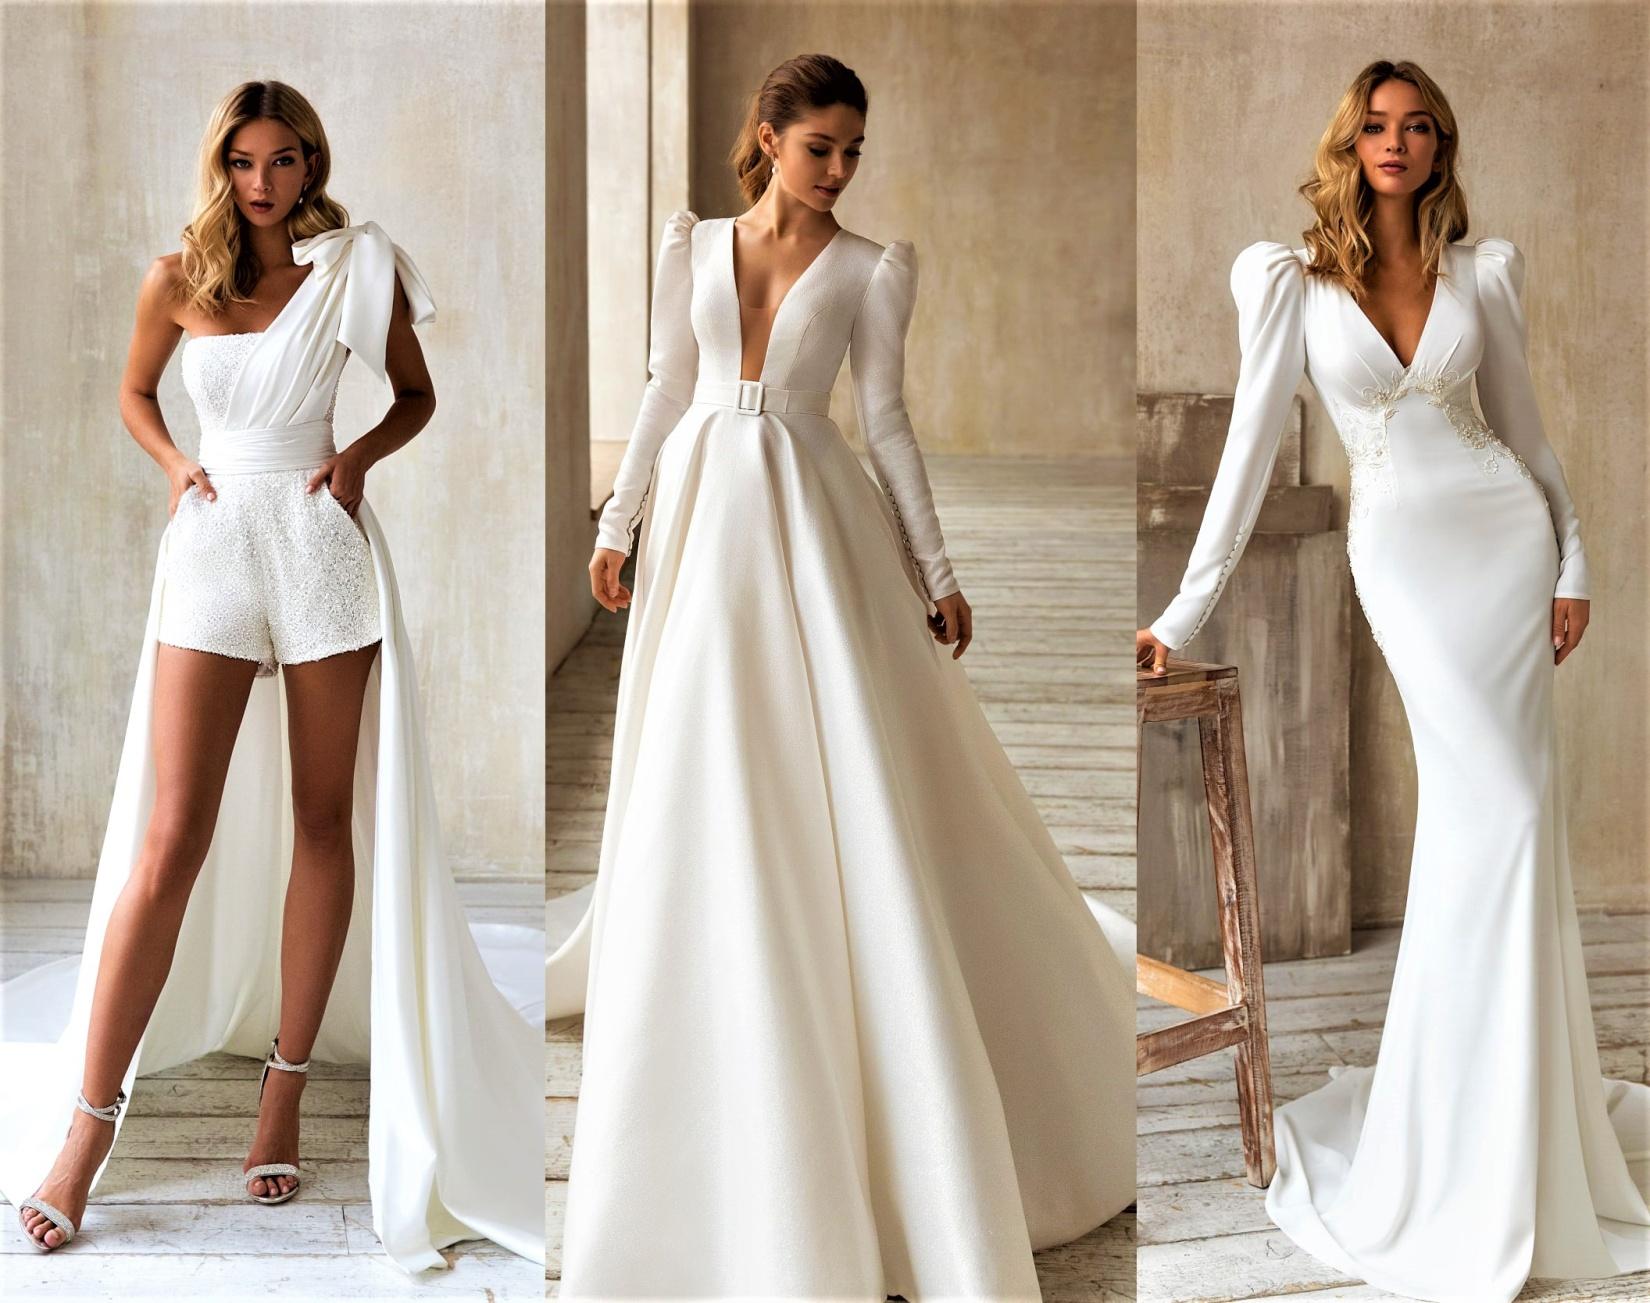 Wona eva lendel hot pants bridal.jpg